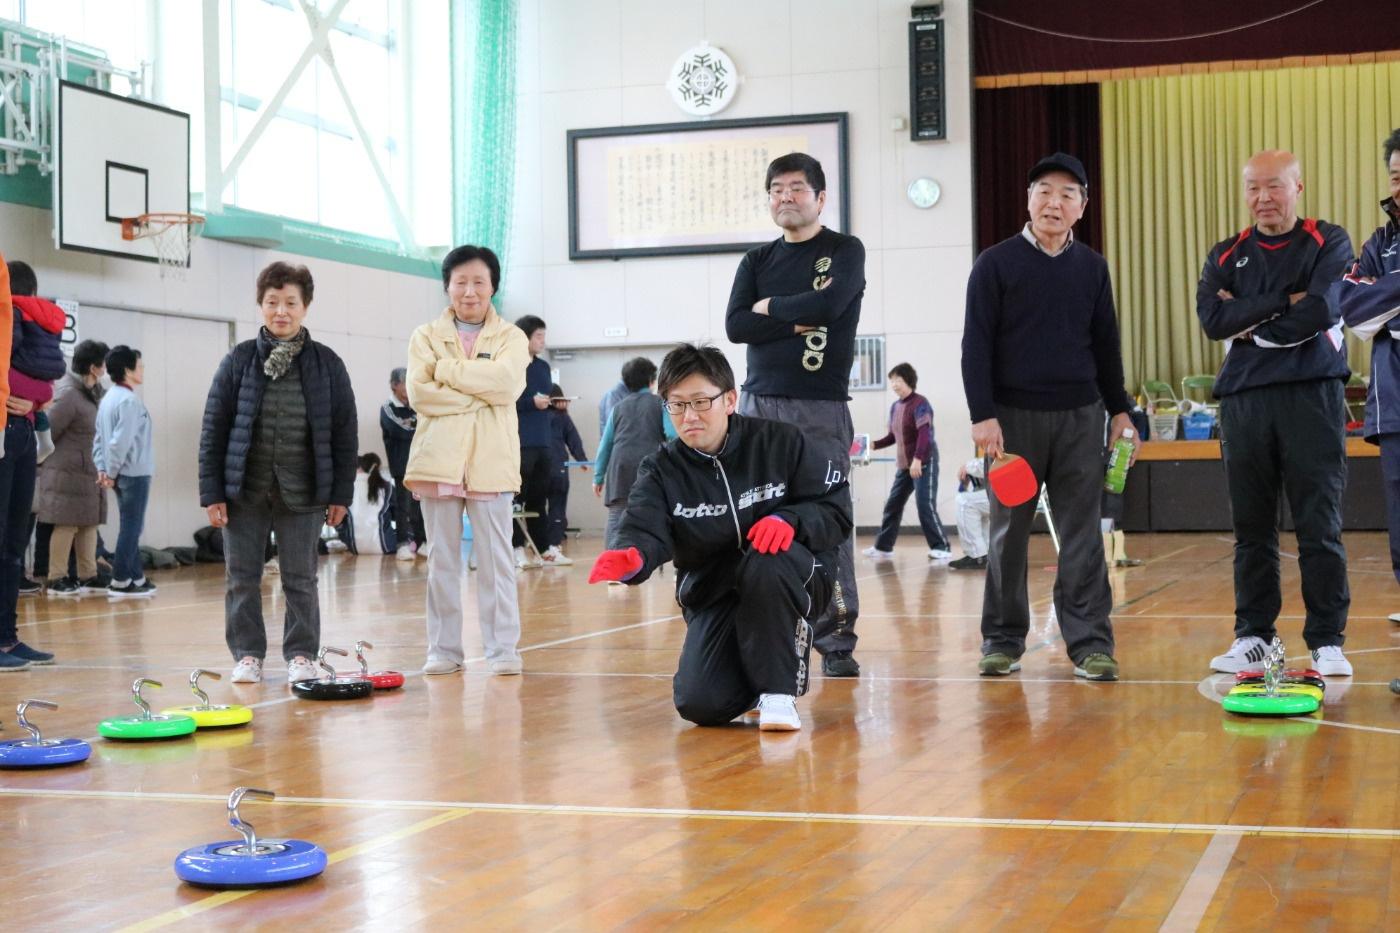 カローリングの様子 第29回吉島地区冬季スポーツレクリエーション大会